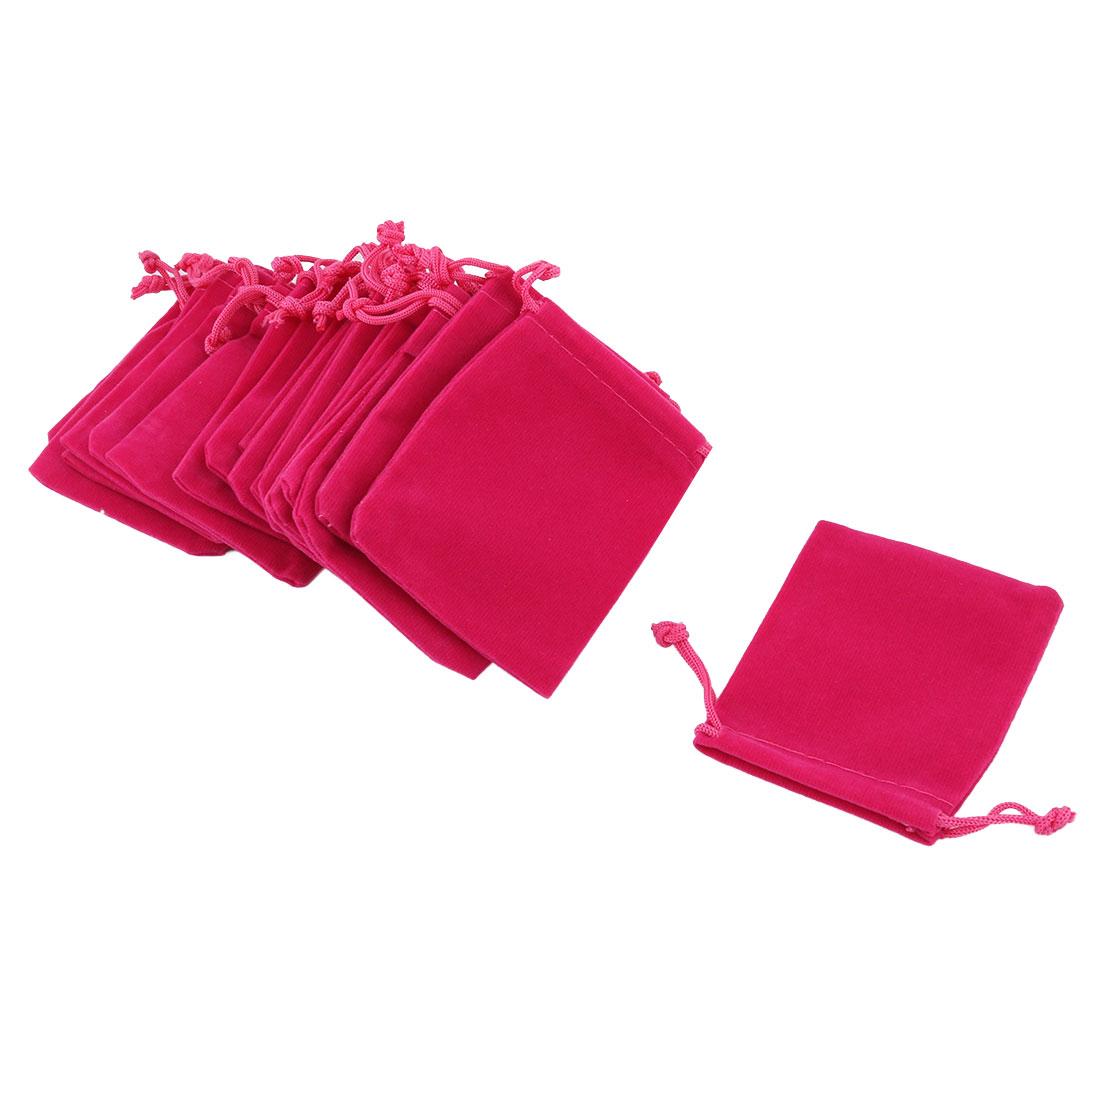 School Dorm Velvet Sundries Pen Eraser Ring Holder Drawstring Bag Fuchsia 20 Pcs